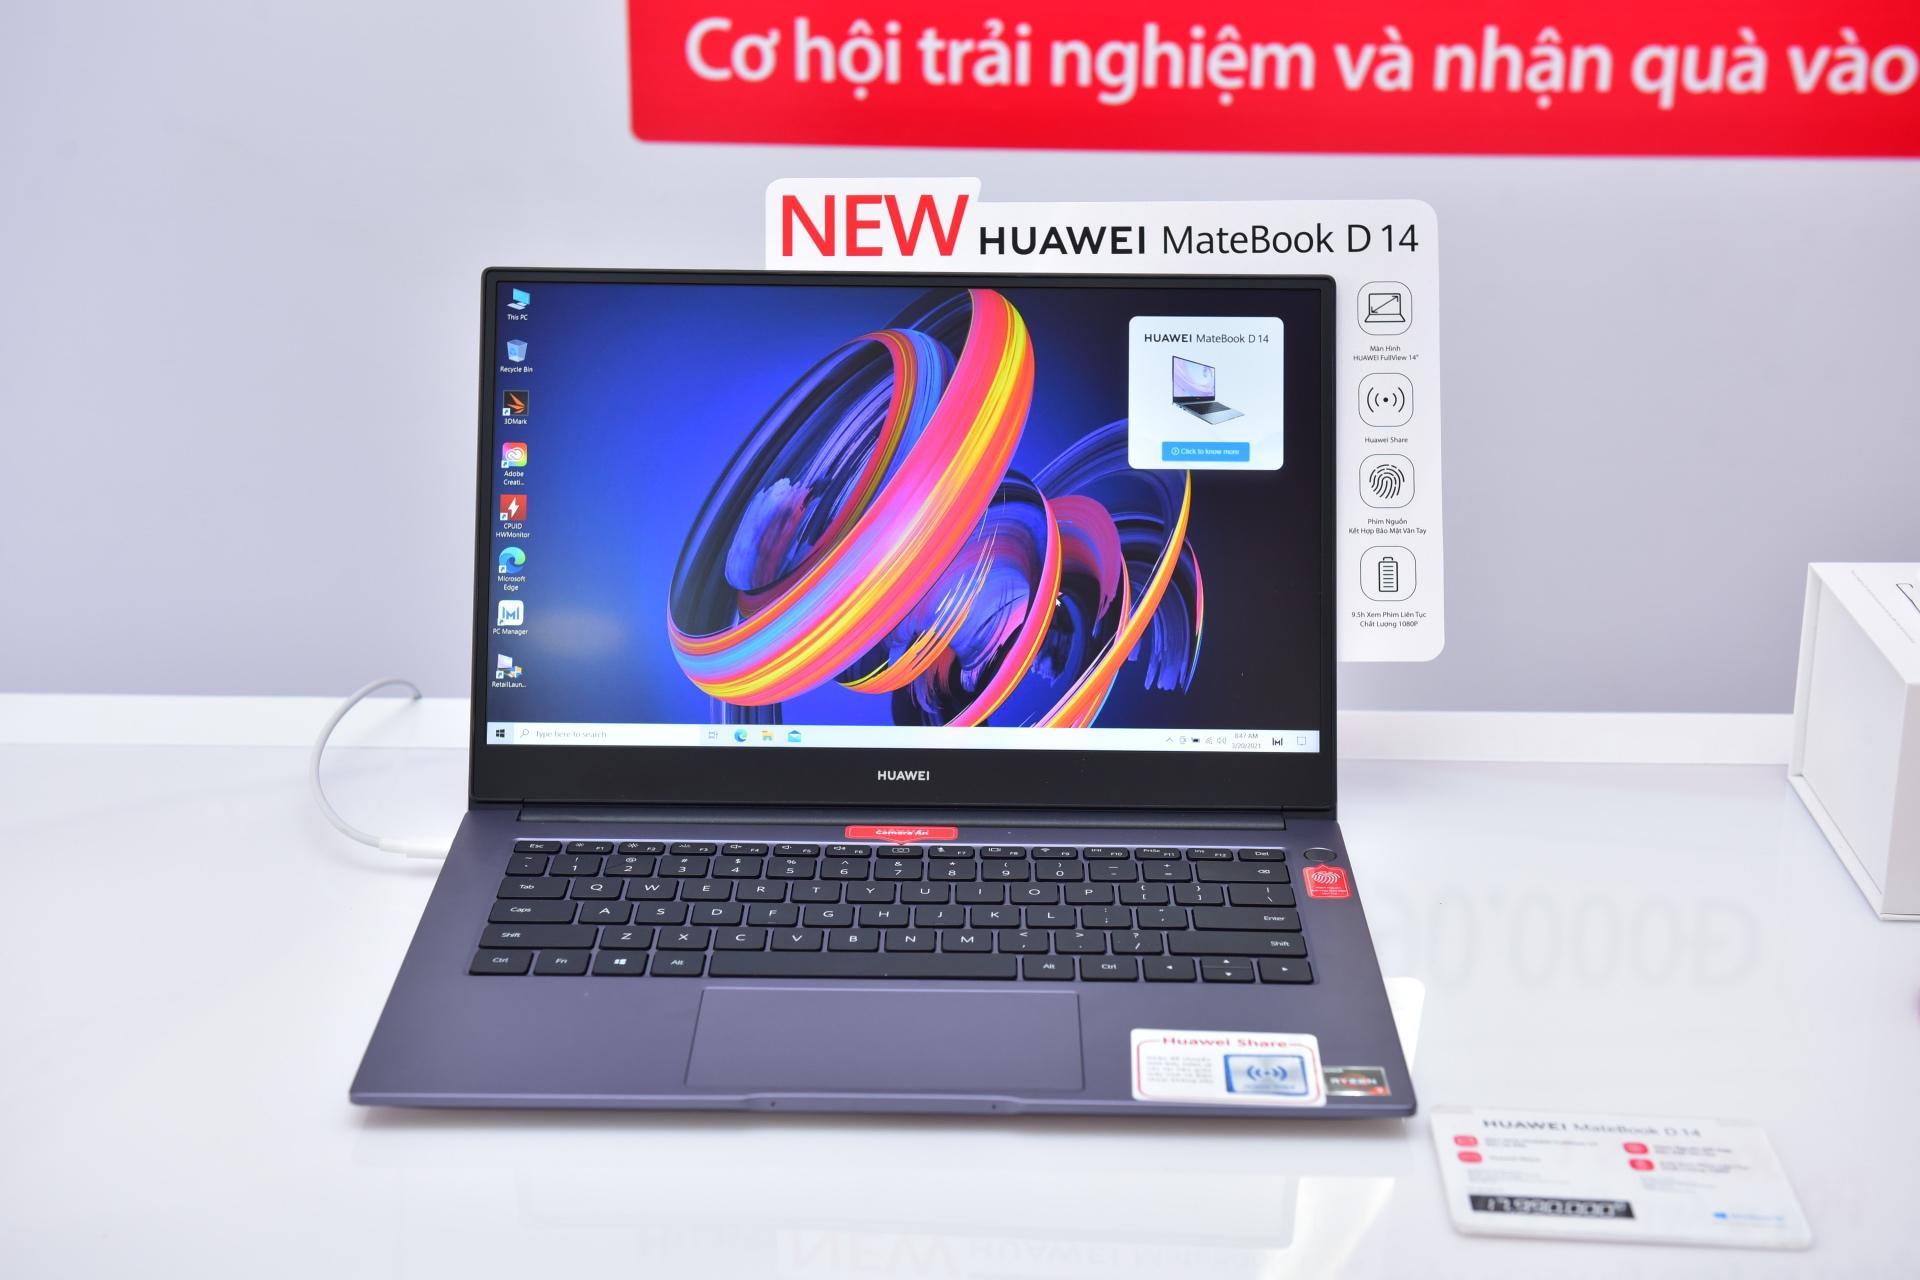 Huawei Matebook D 14 dùng AMD Radeon RX Vega 10 lên kệ hôm nay, giá 17.990.000 đồng